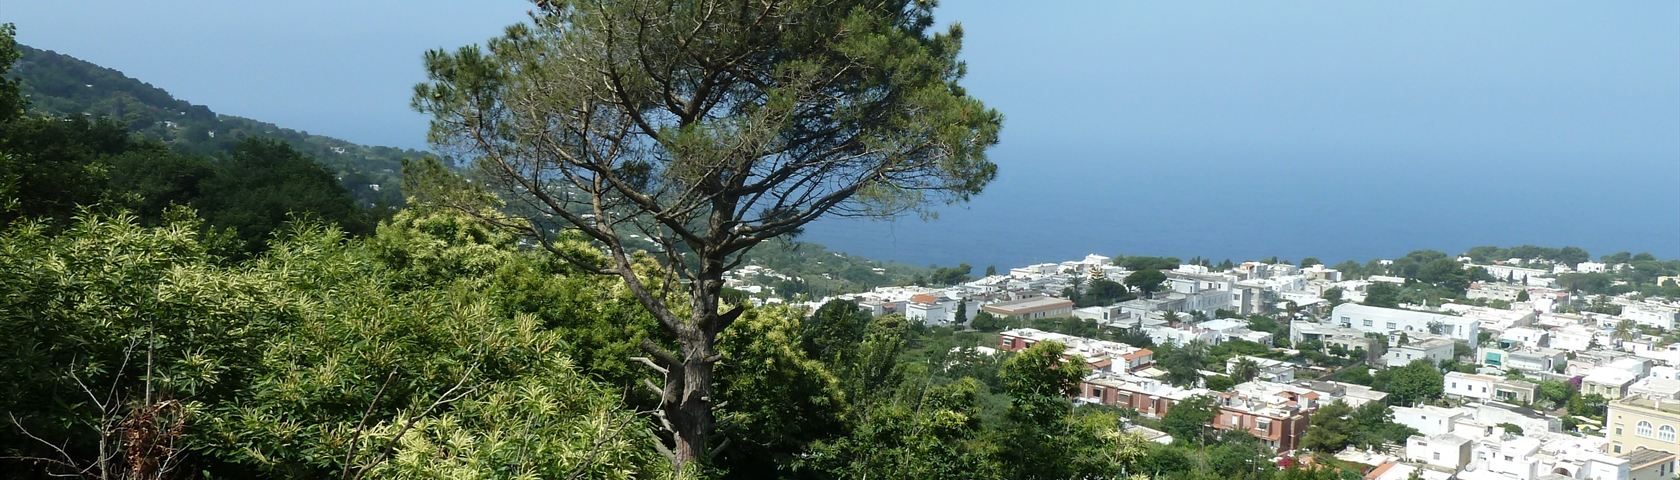 Sky and Turf of Capri